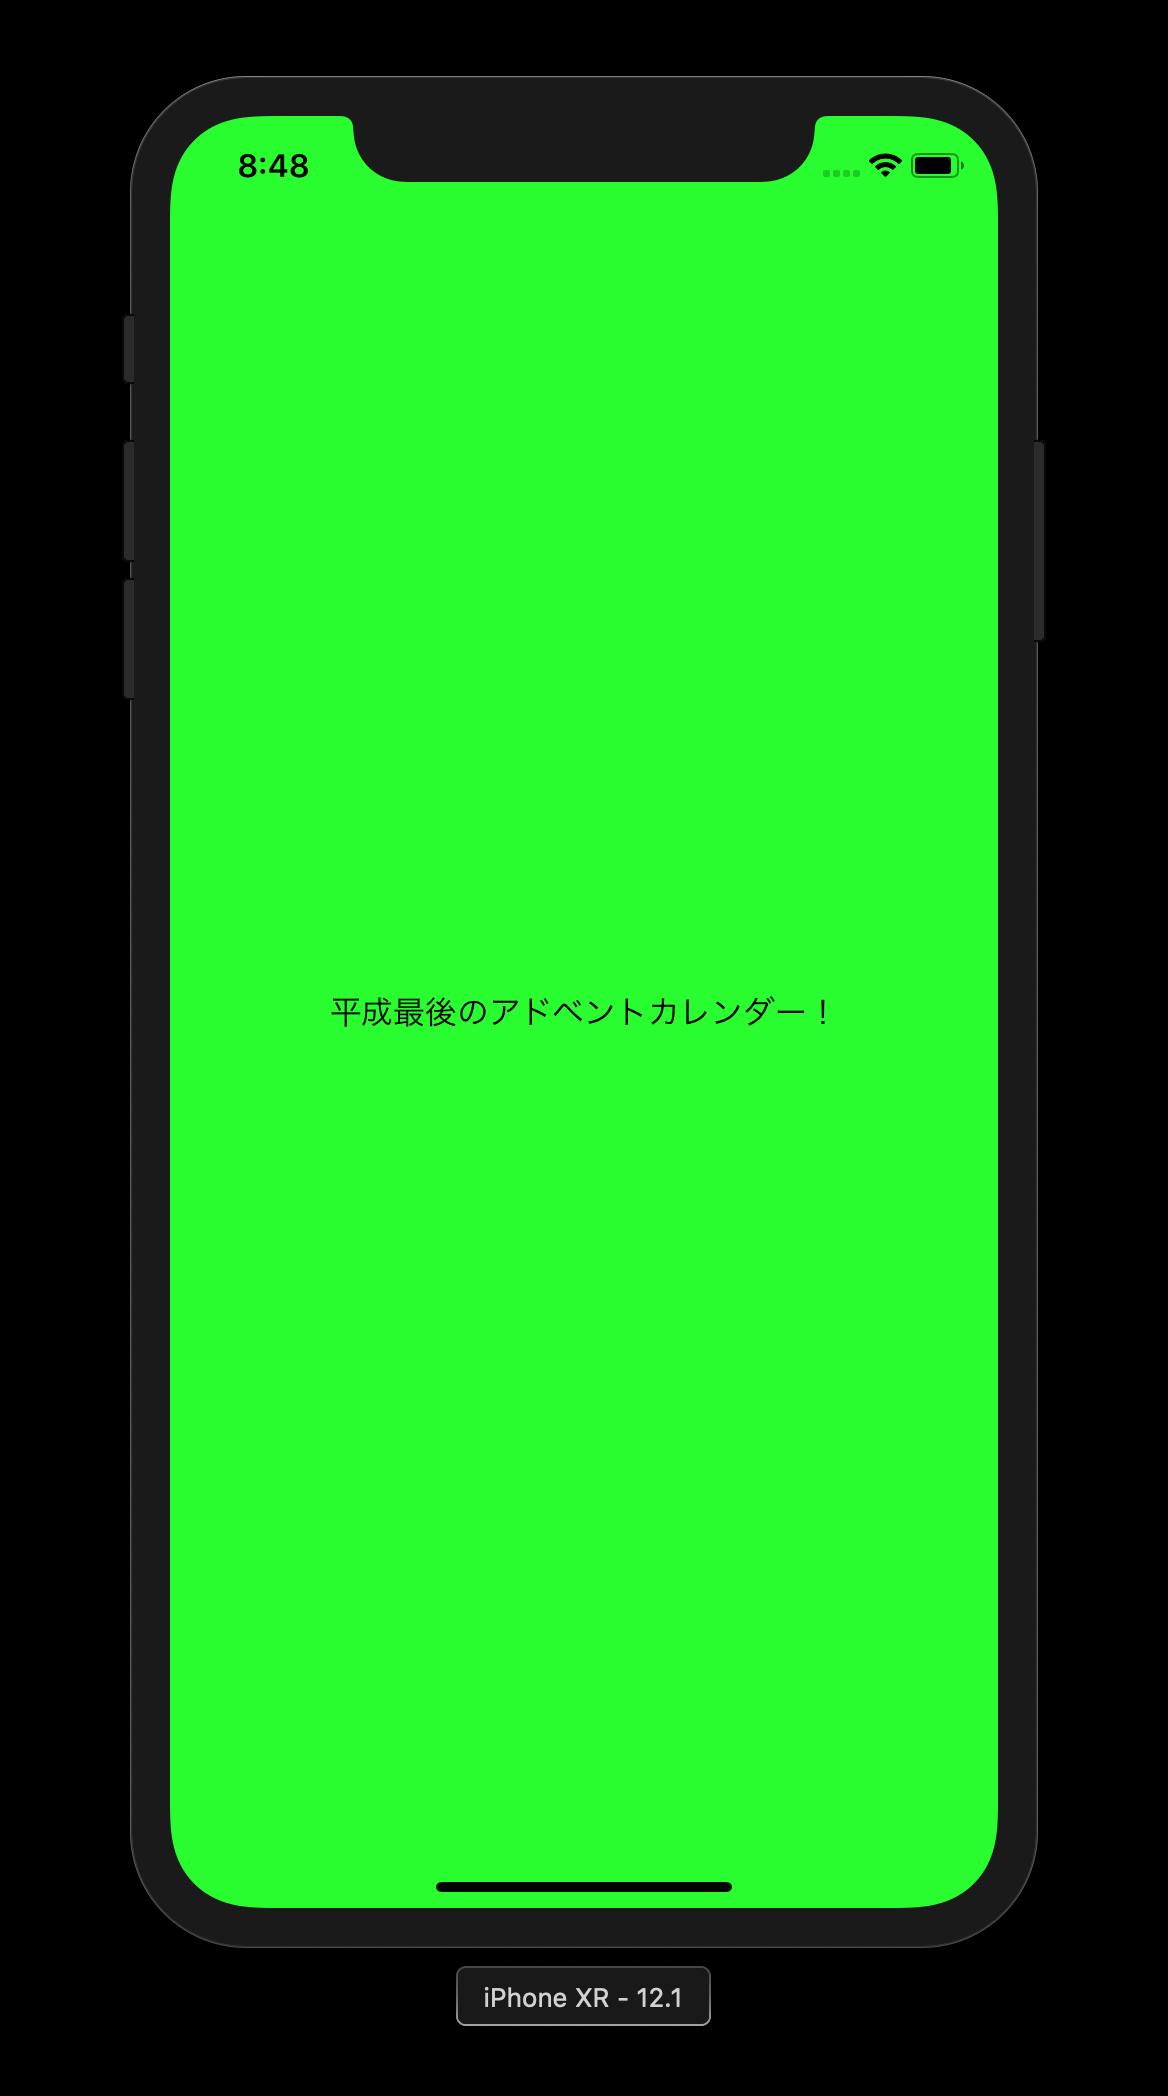 スクリーンショット 2018-12-04 8.48.15.png